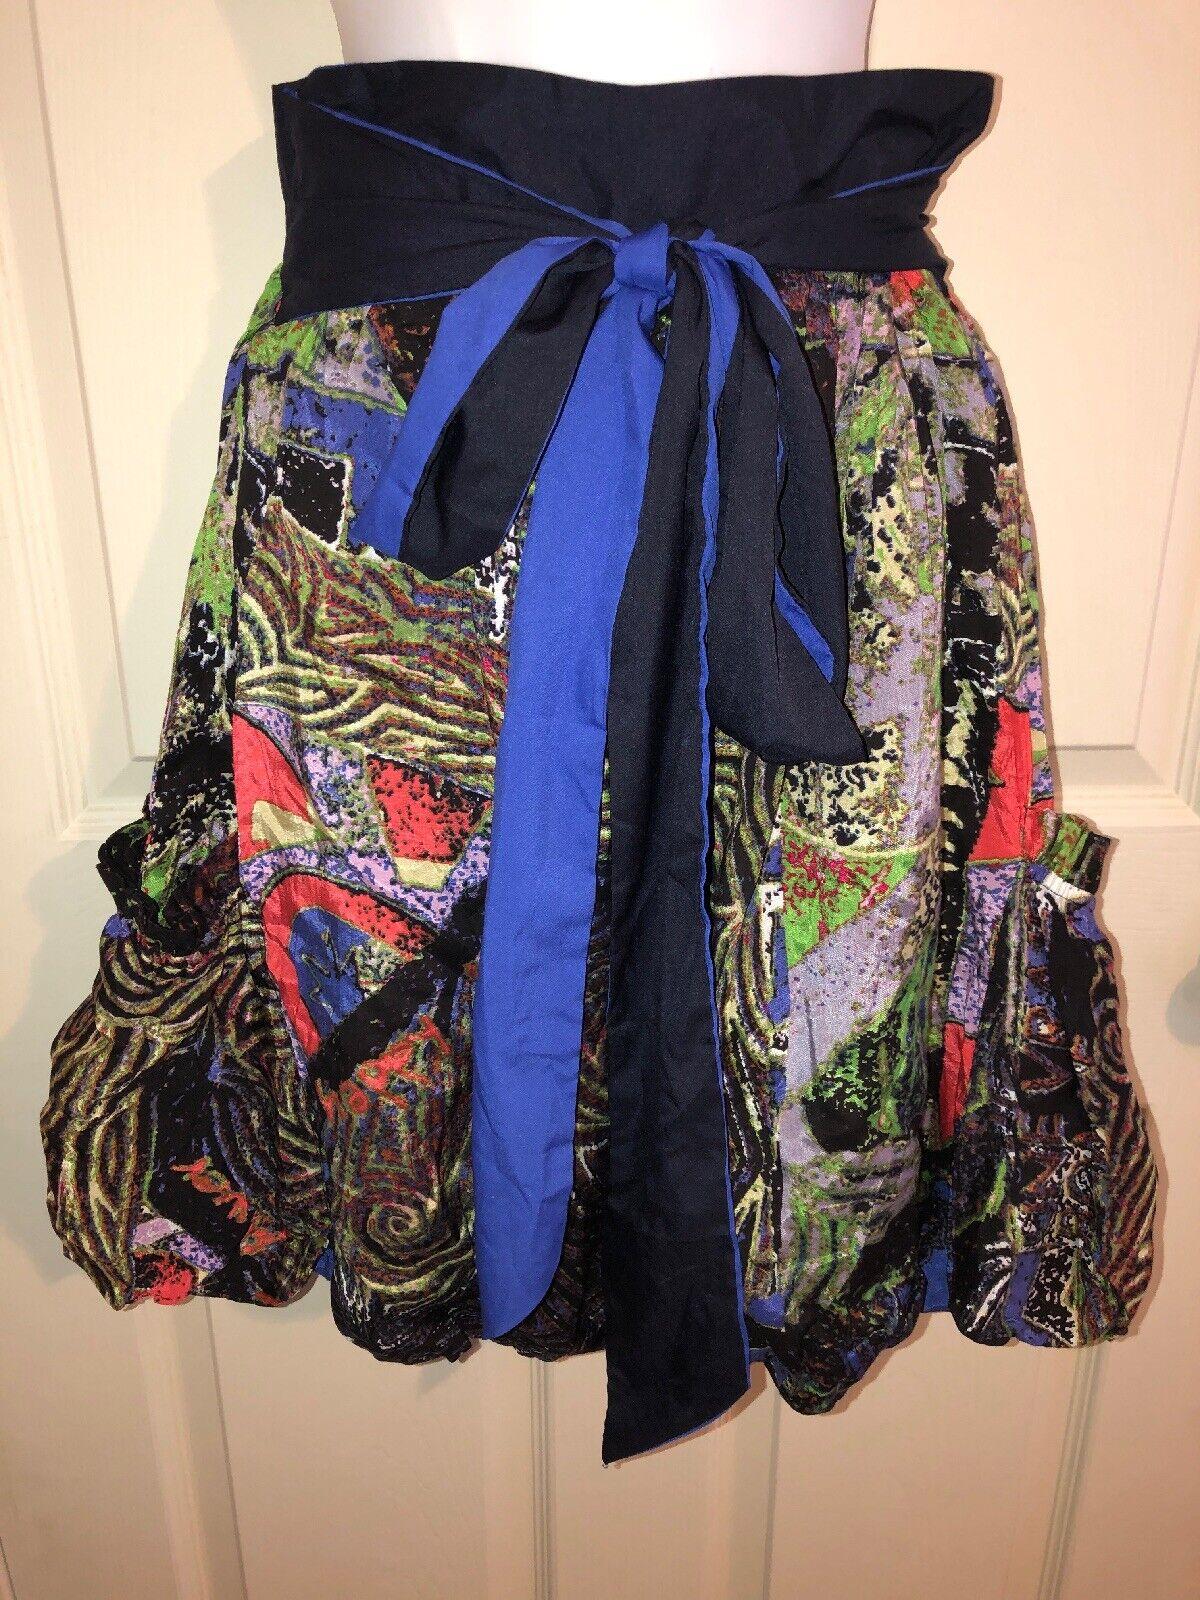 Desigual Wild Printed Balloon Skirt Nwt Sz 40